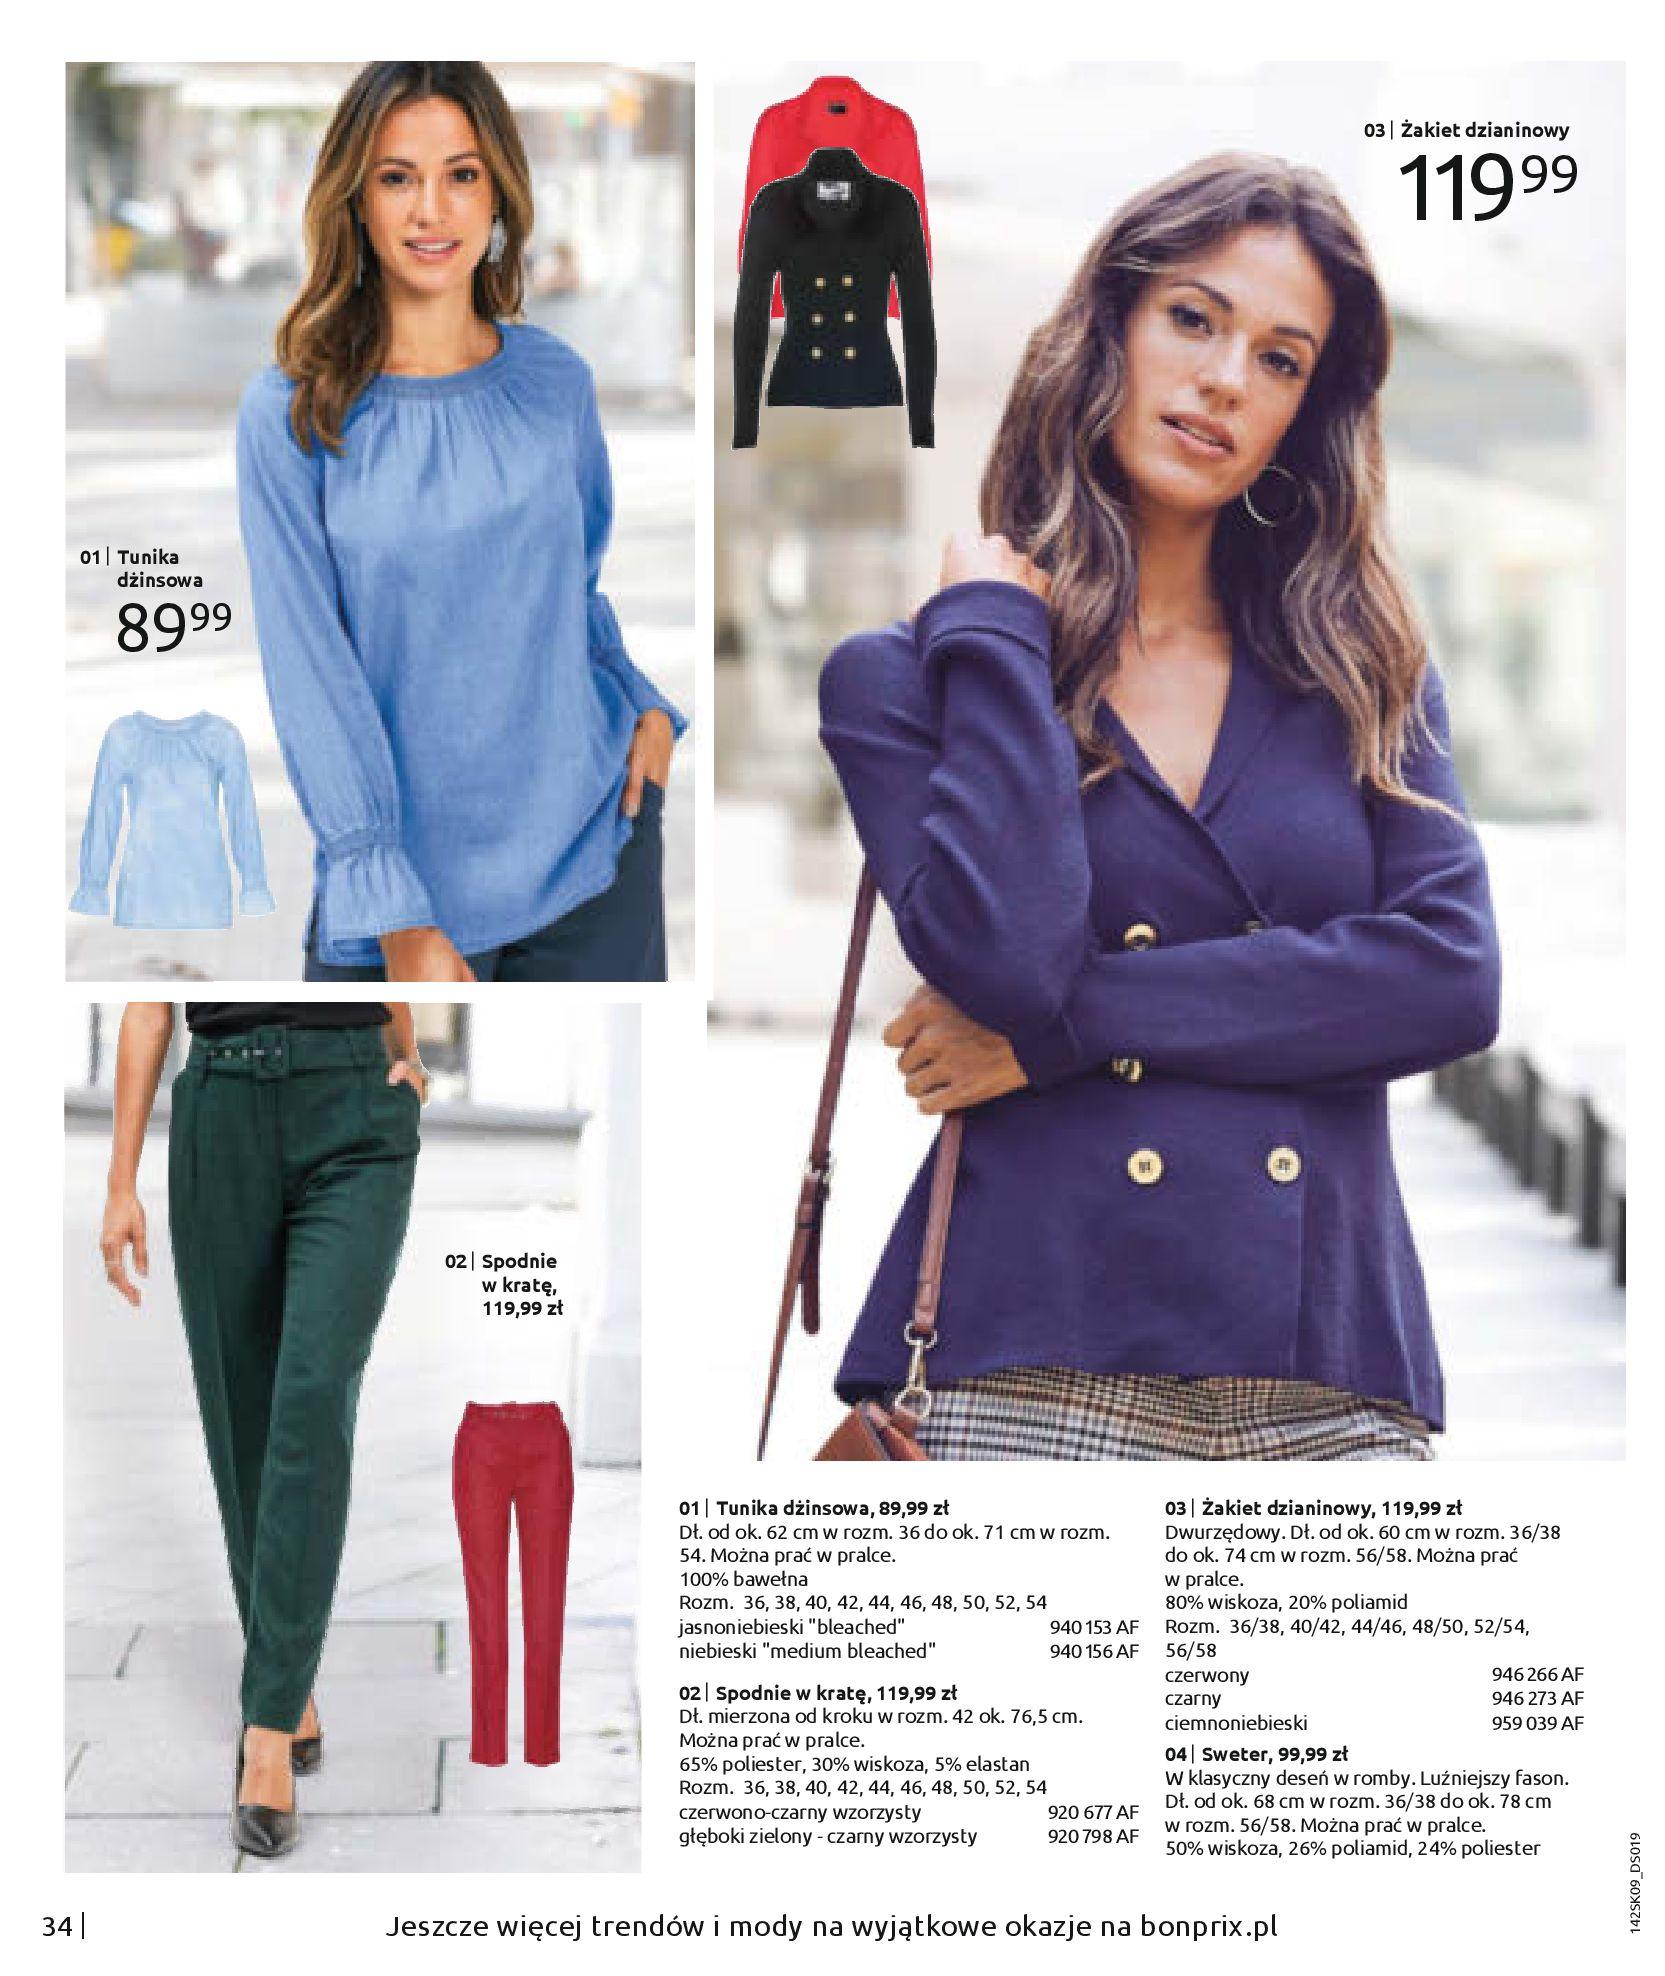 Gazetka Bonprix - Jesienny look-31.08.2020-28.02.2021-page-36